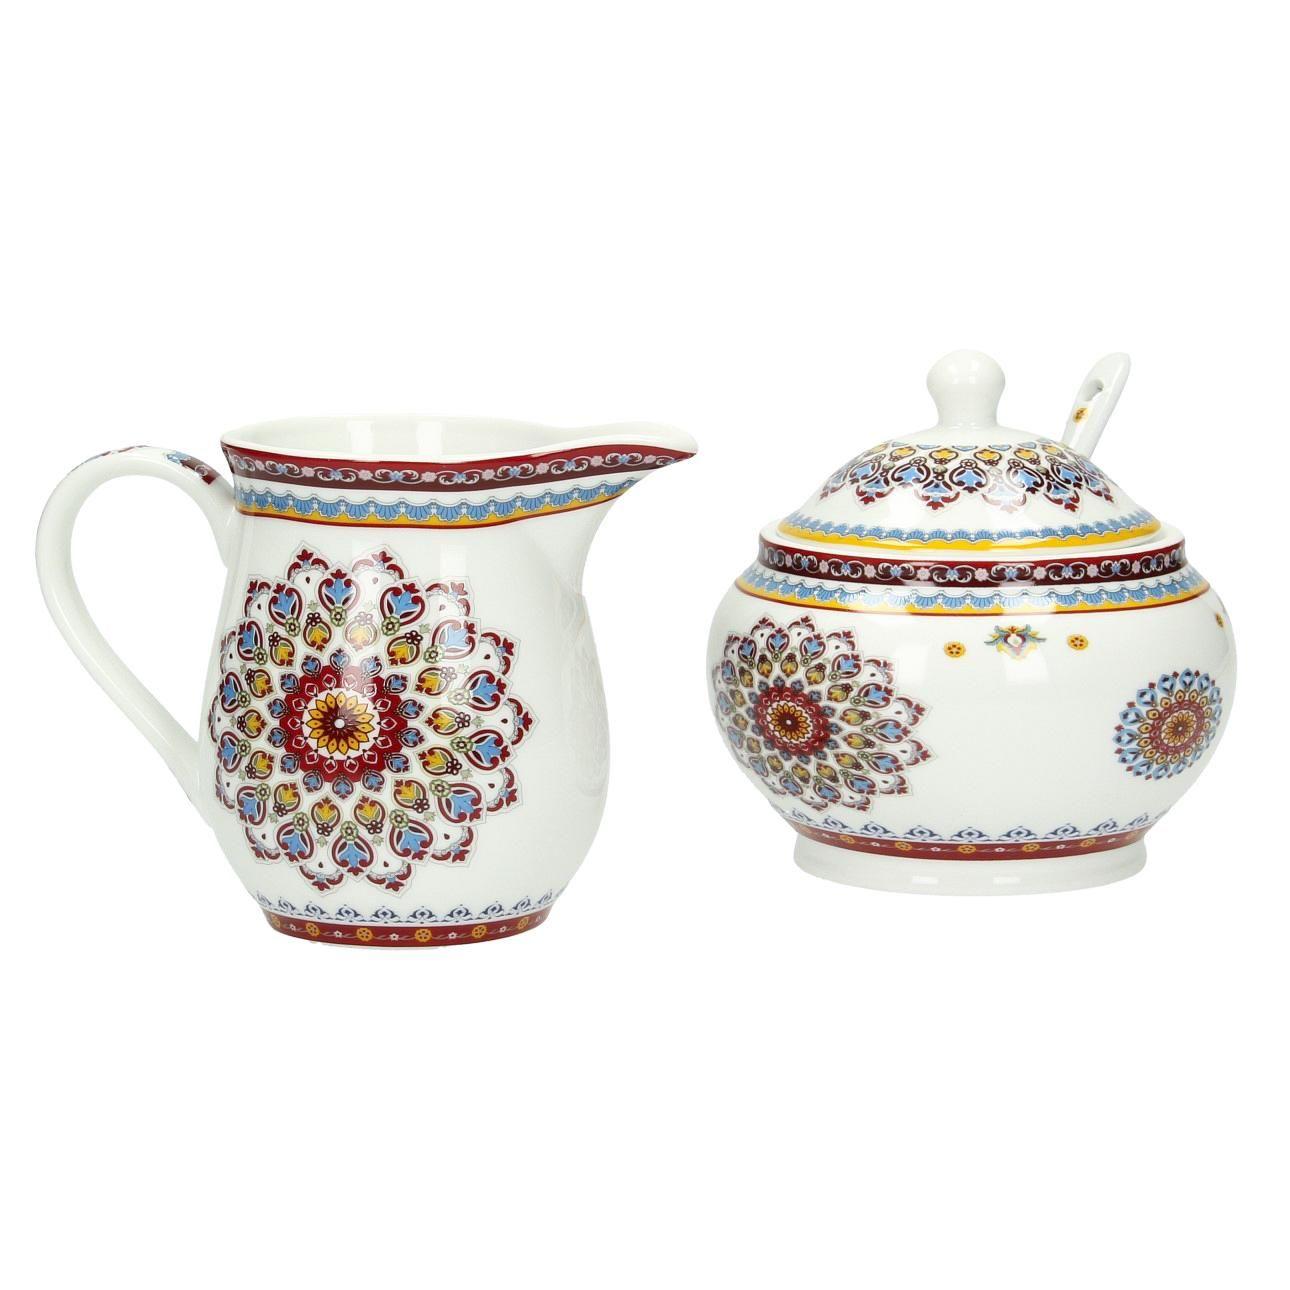 Geschichte und Merkmale der italienischen Keramik